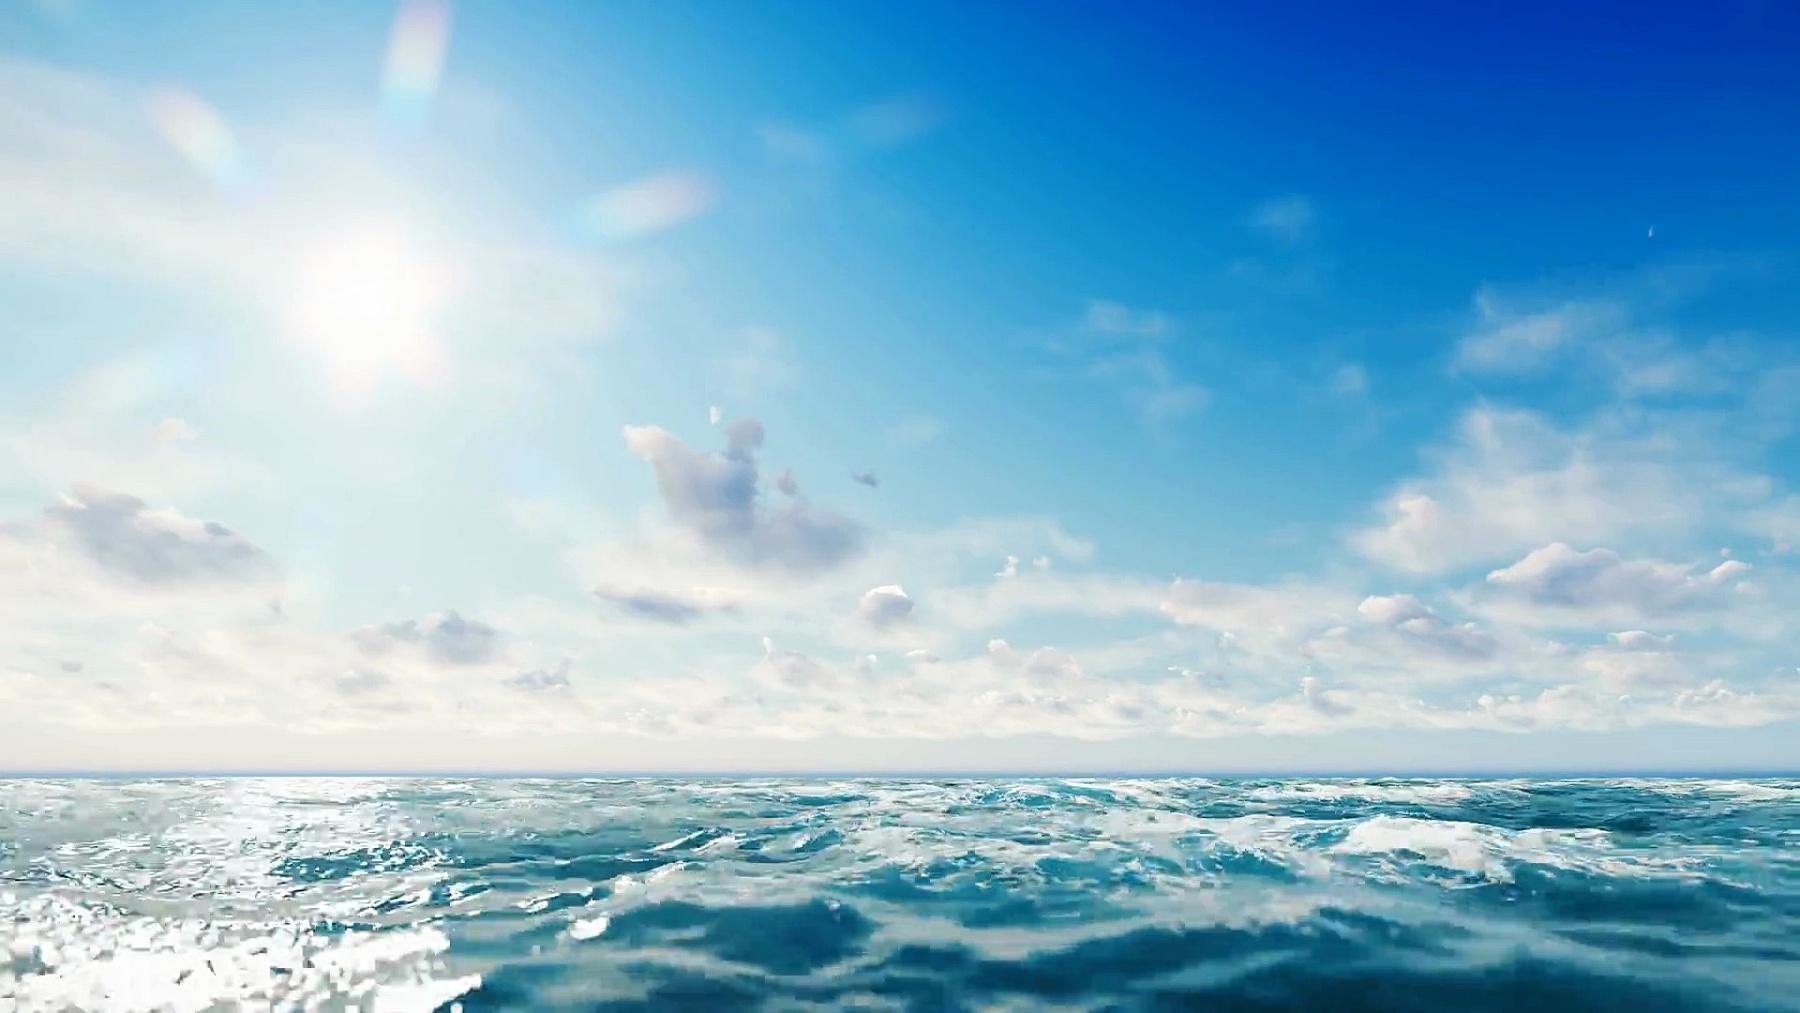 海景。海里阳光灿烂的一天